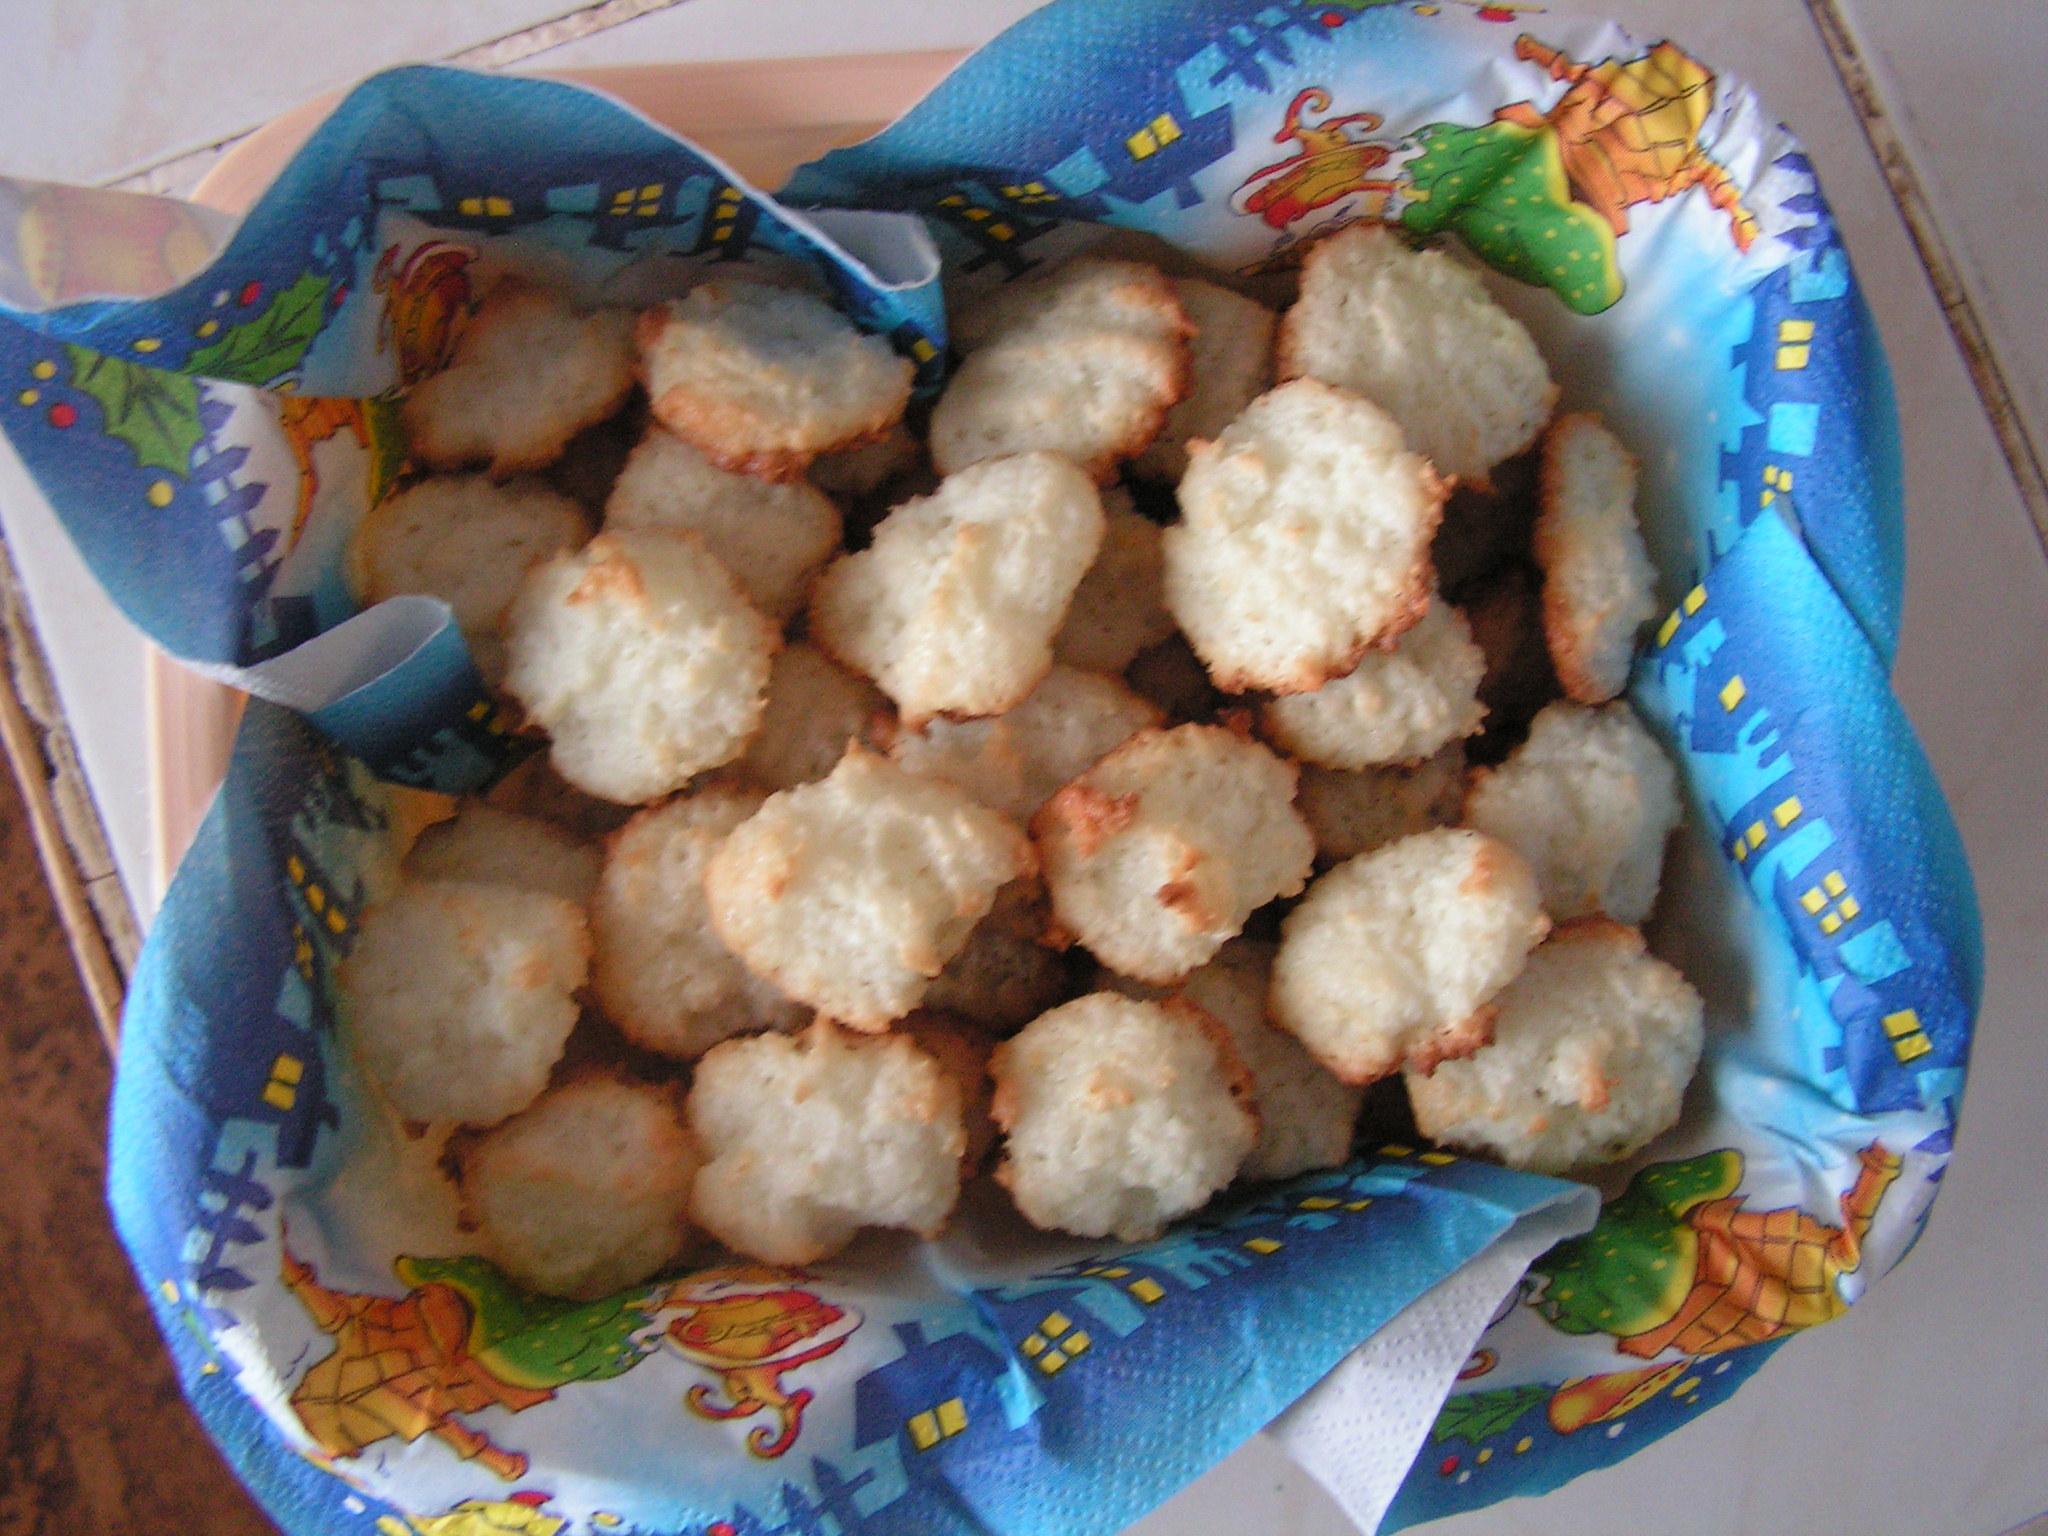 Recept Klasické kokosky - Už jsou ty tam... děkuji za recept. Budeme se k nim vracet.